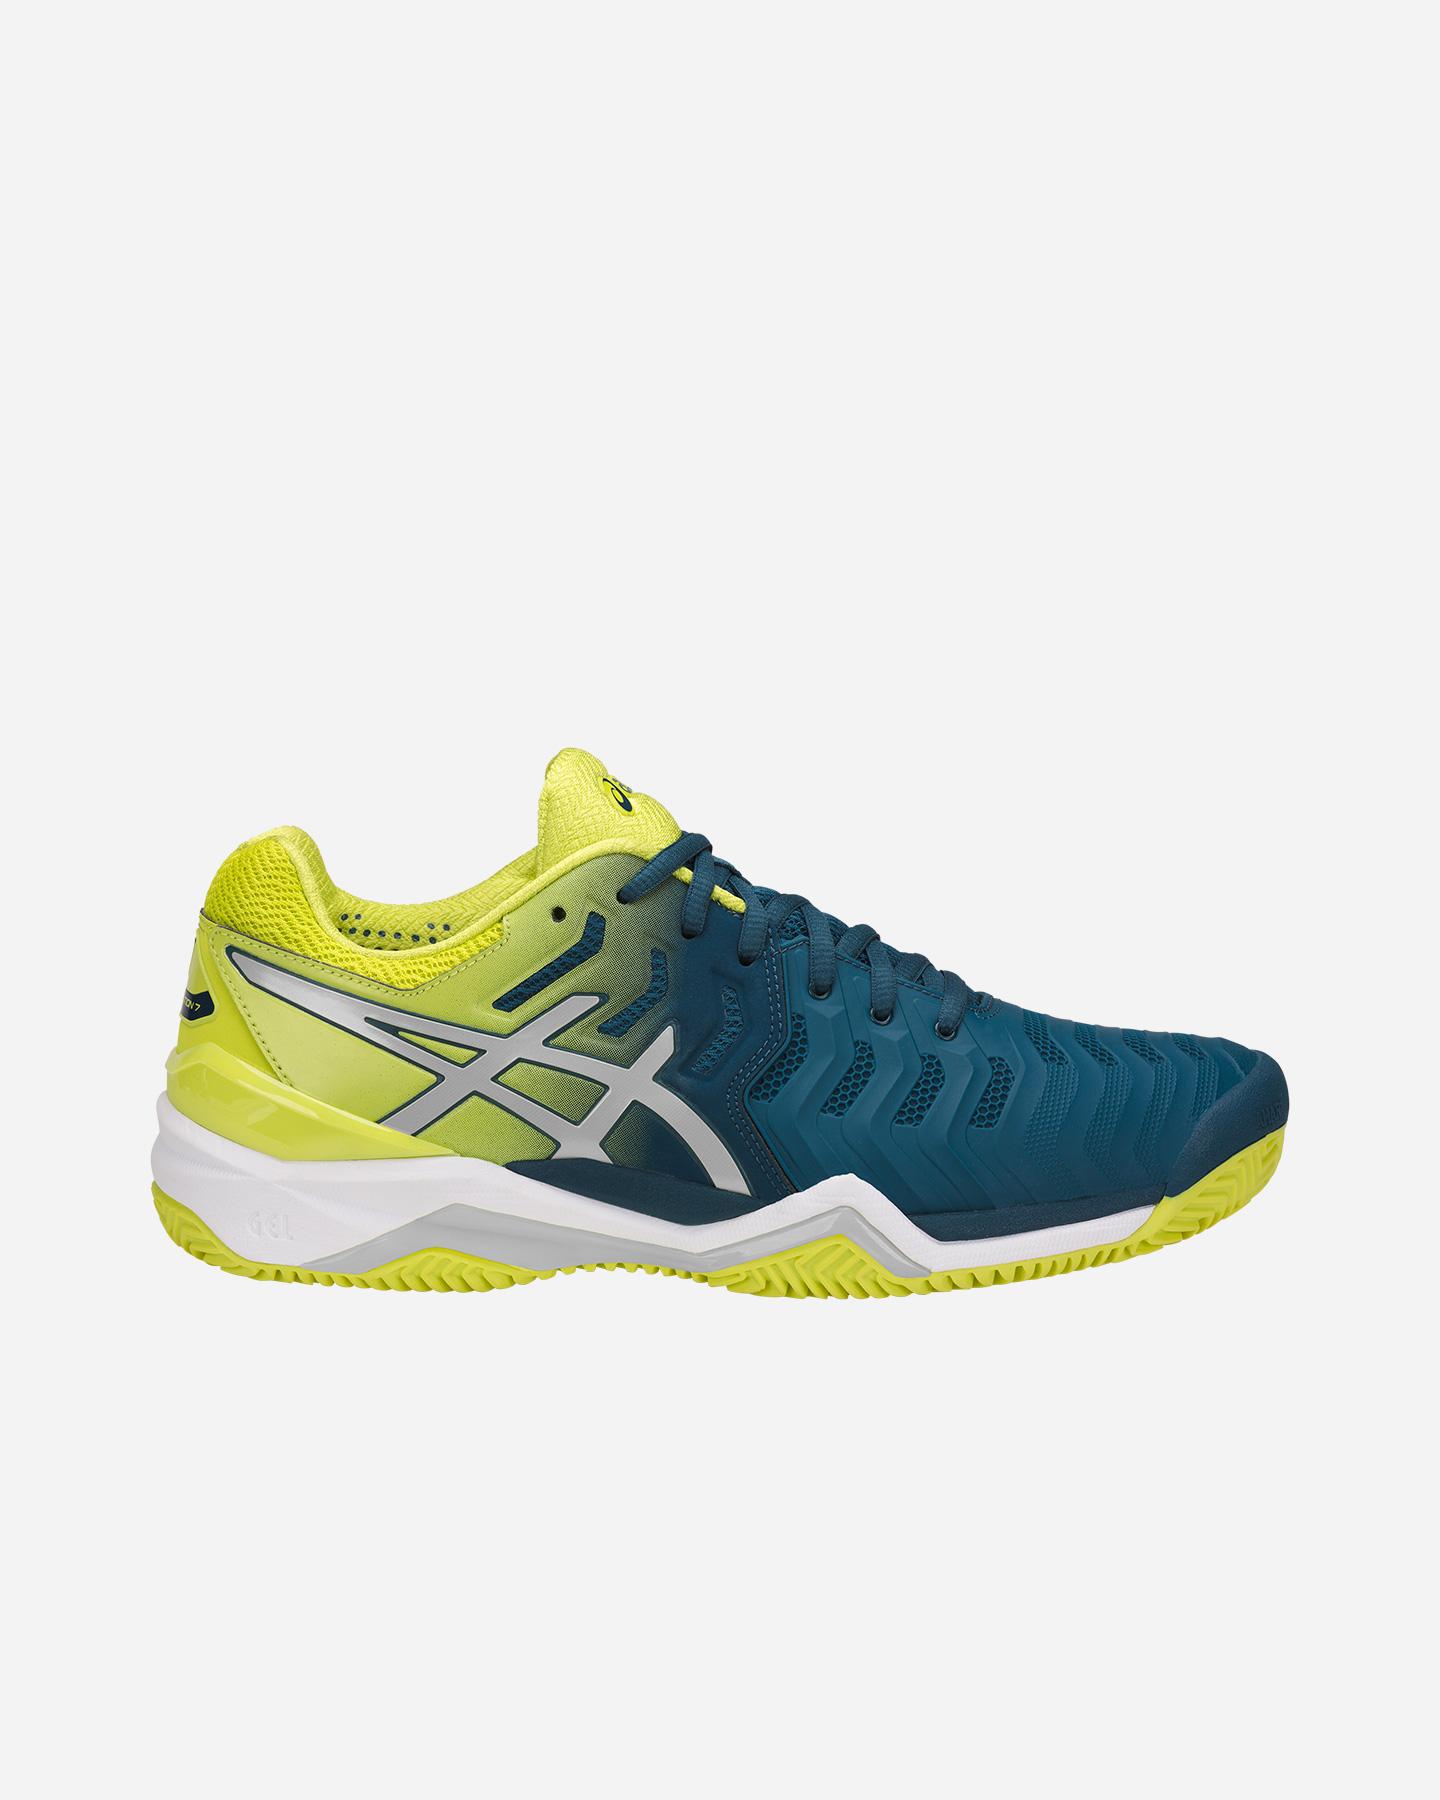 Sport Su Scarpe Tennis Gel E702y M 4589 7 Resolution Cisalfa Asics gaSqwvFn fc28e8f436e